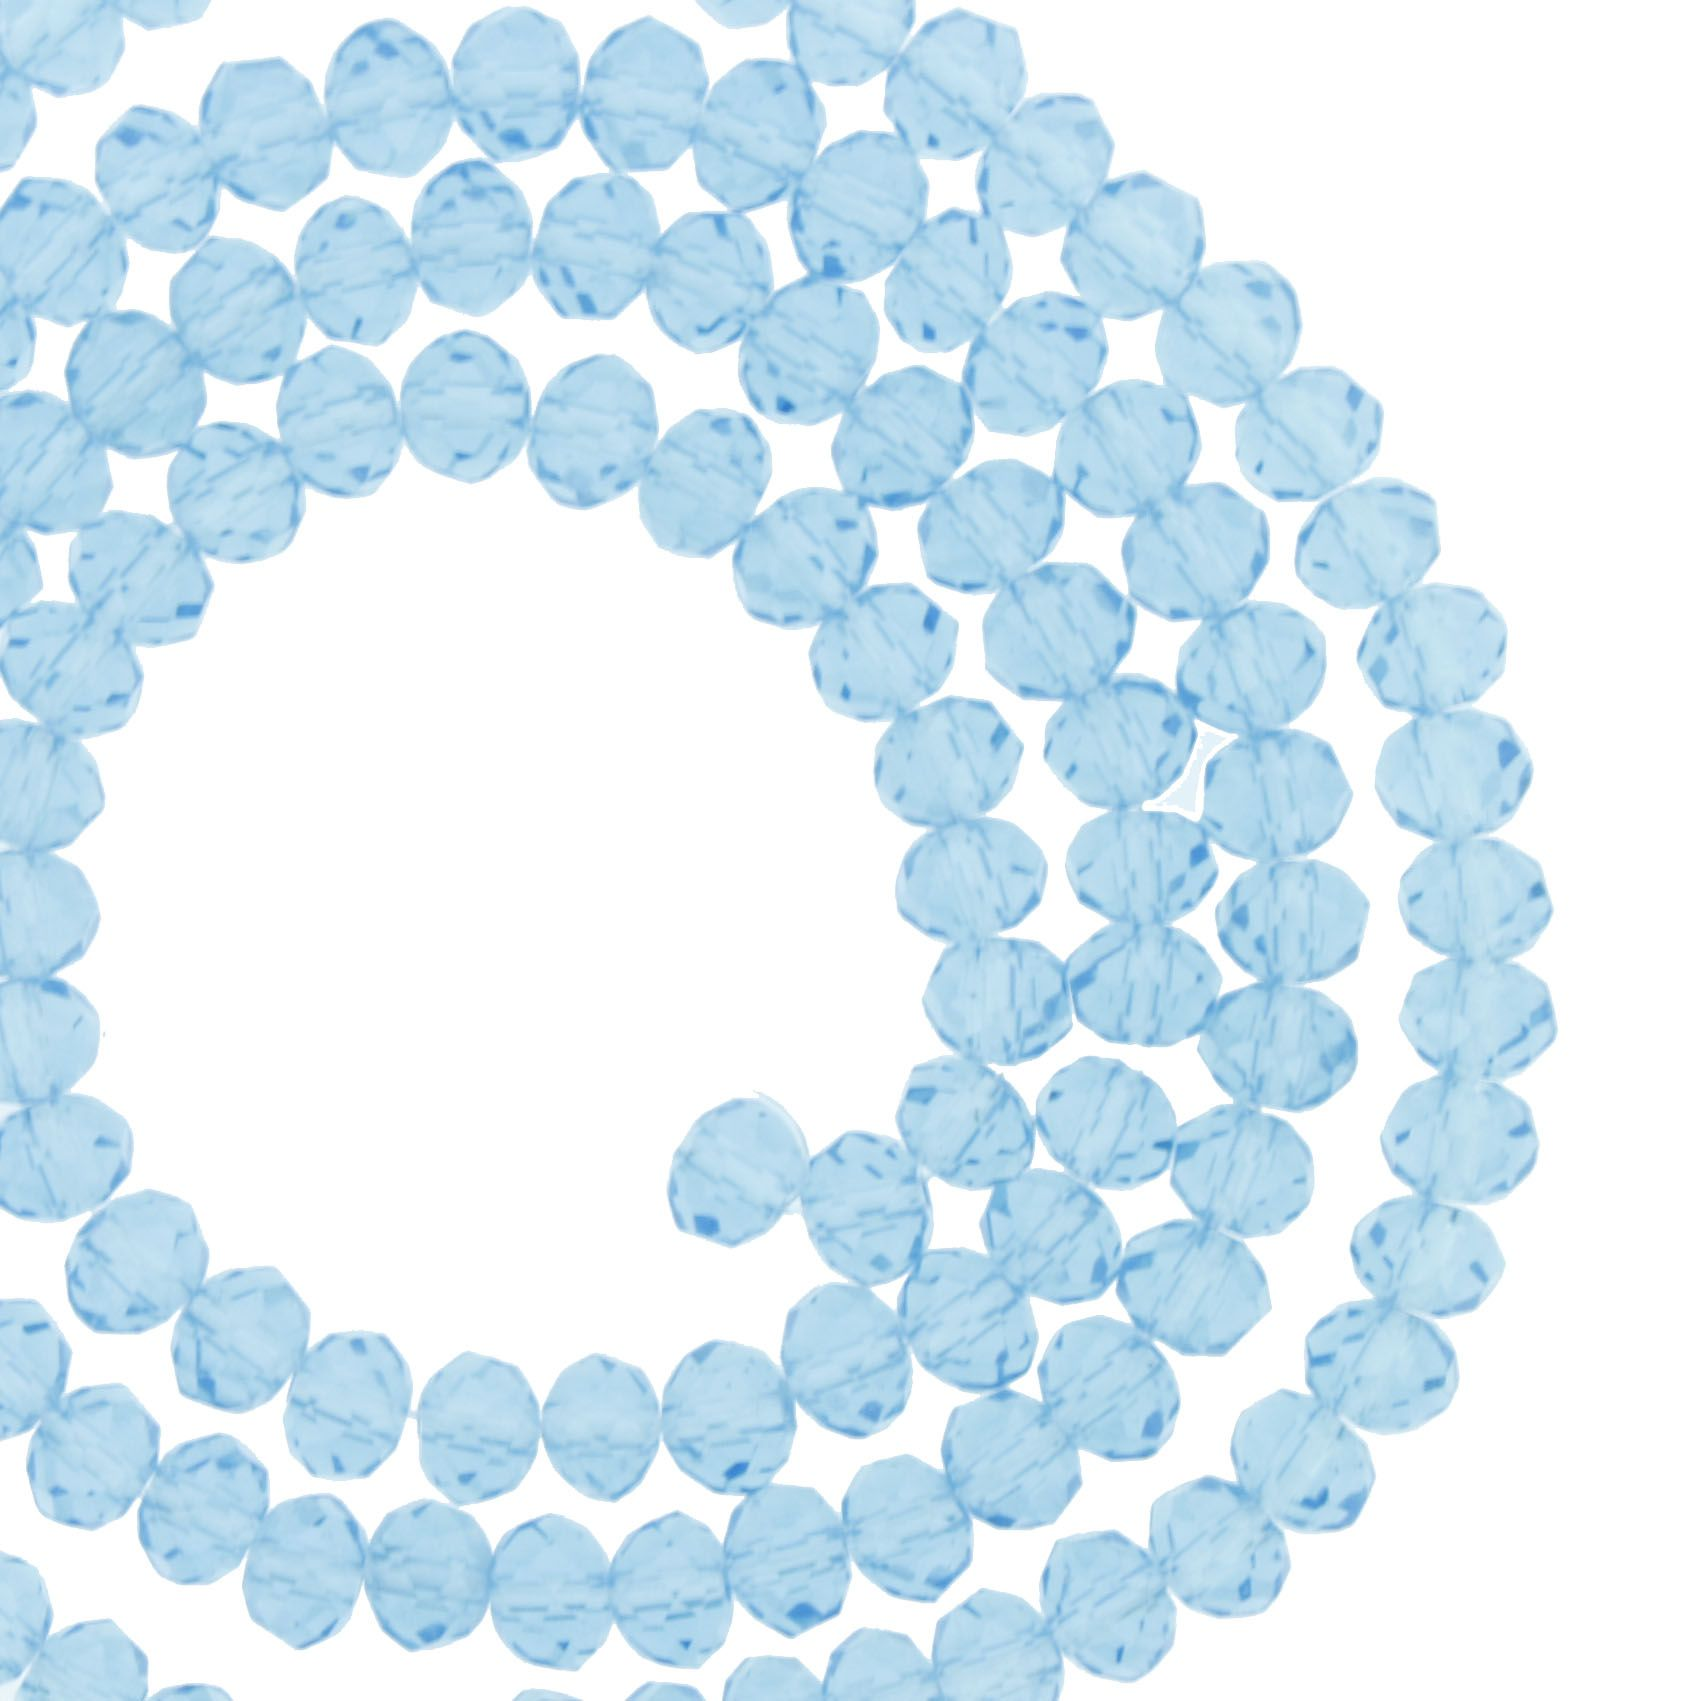 Fio de Cristal - Flat® - Azul Claro Transparente - 4mm  - Stéphanie Bijoux® - Peças para Bijuterias e Artesanato